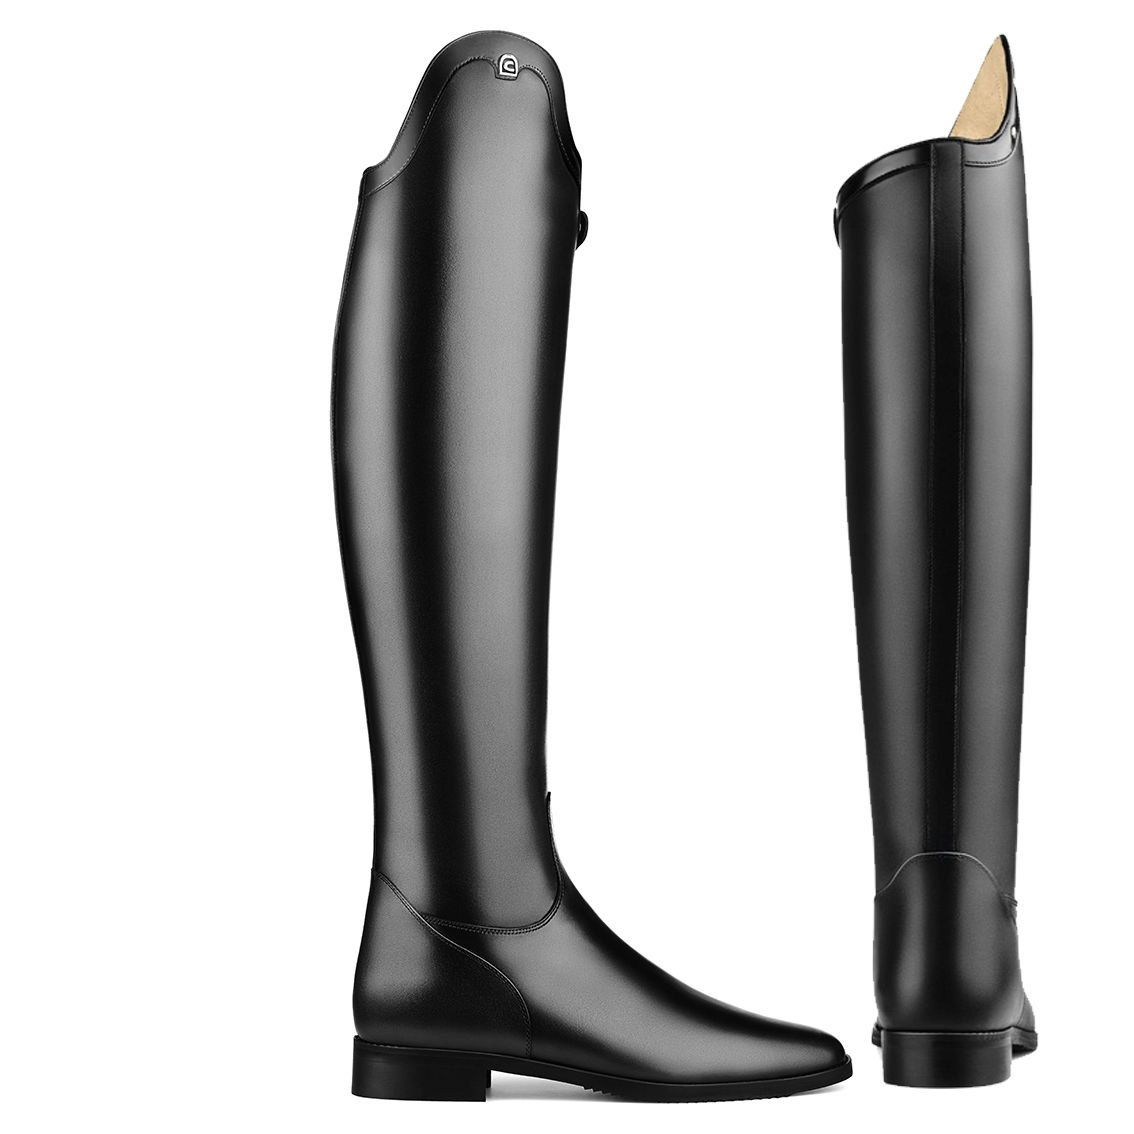 - Cavallo Dressur Reitstiefel INSIGNIS , Schwarz, Schuhgröße 5 (D 38), Schafthöhe 50cm, SchaftWeiße 37cm